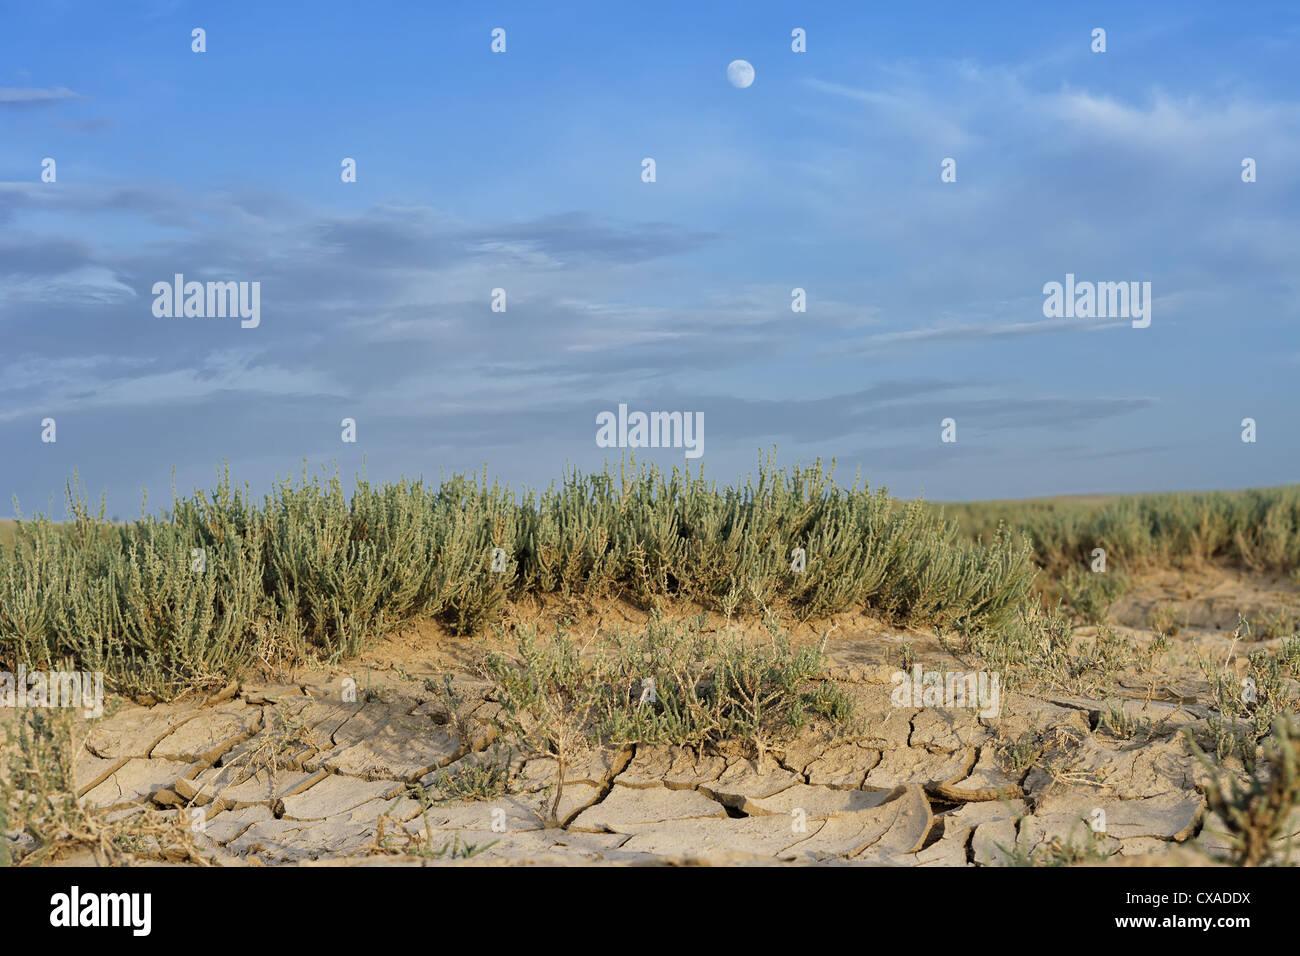 Les zones arides, l'arrière-plan, le bleu, le climat, le changement climatique, fissuré, déserte, Photo Stock